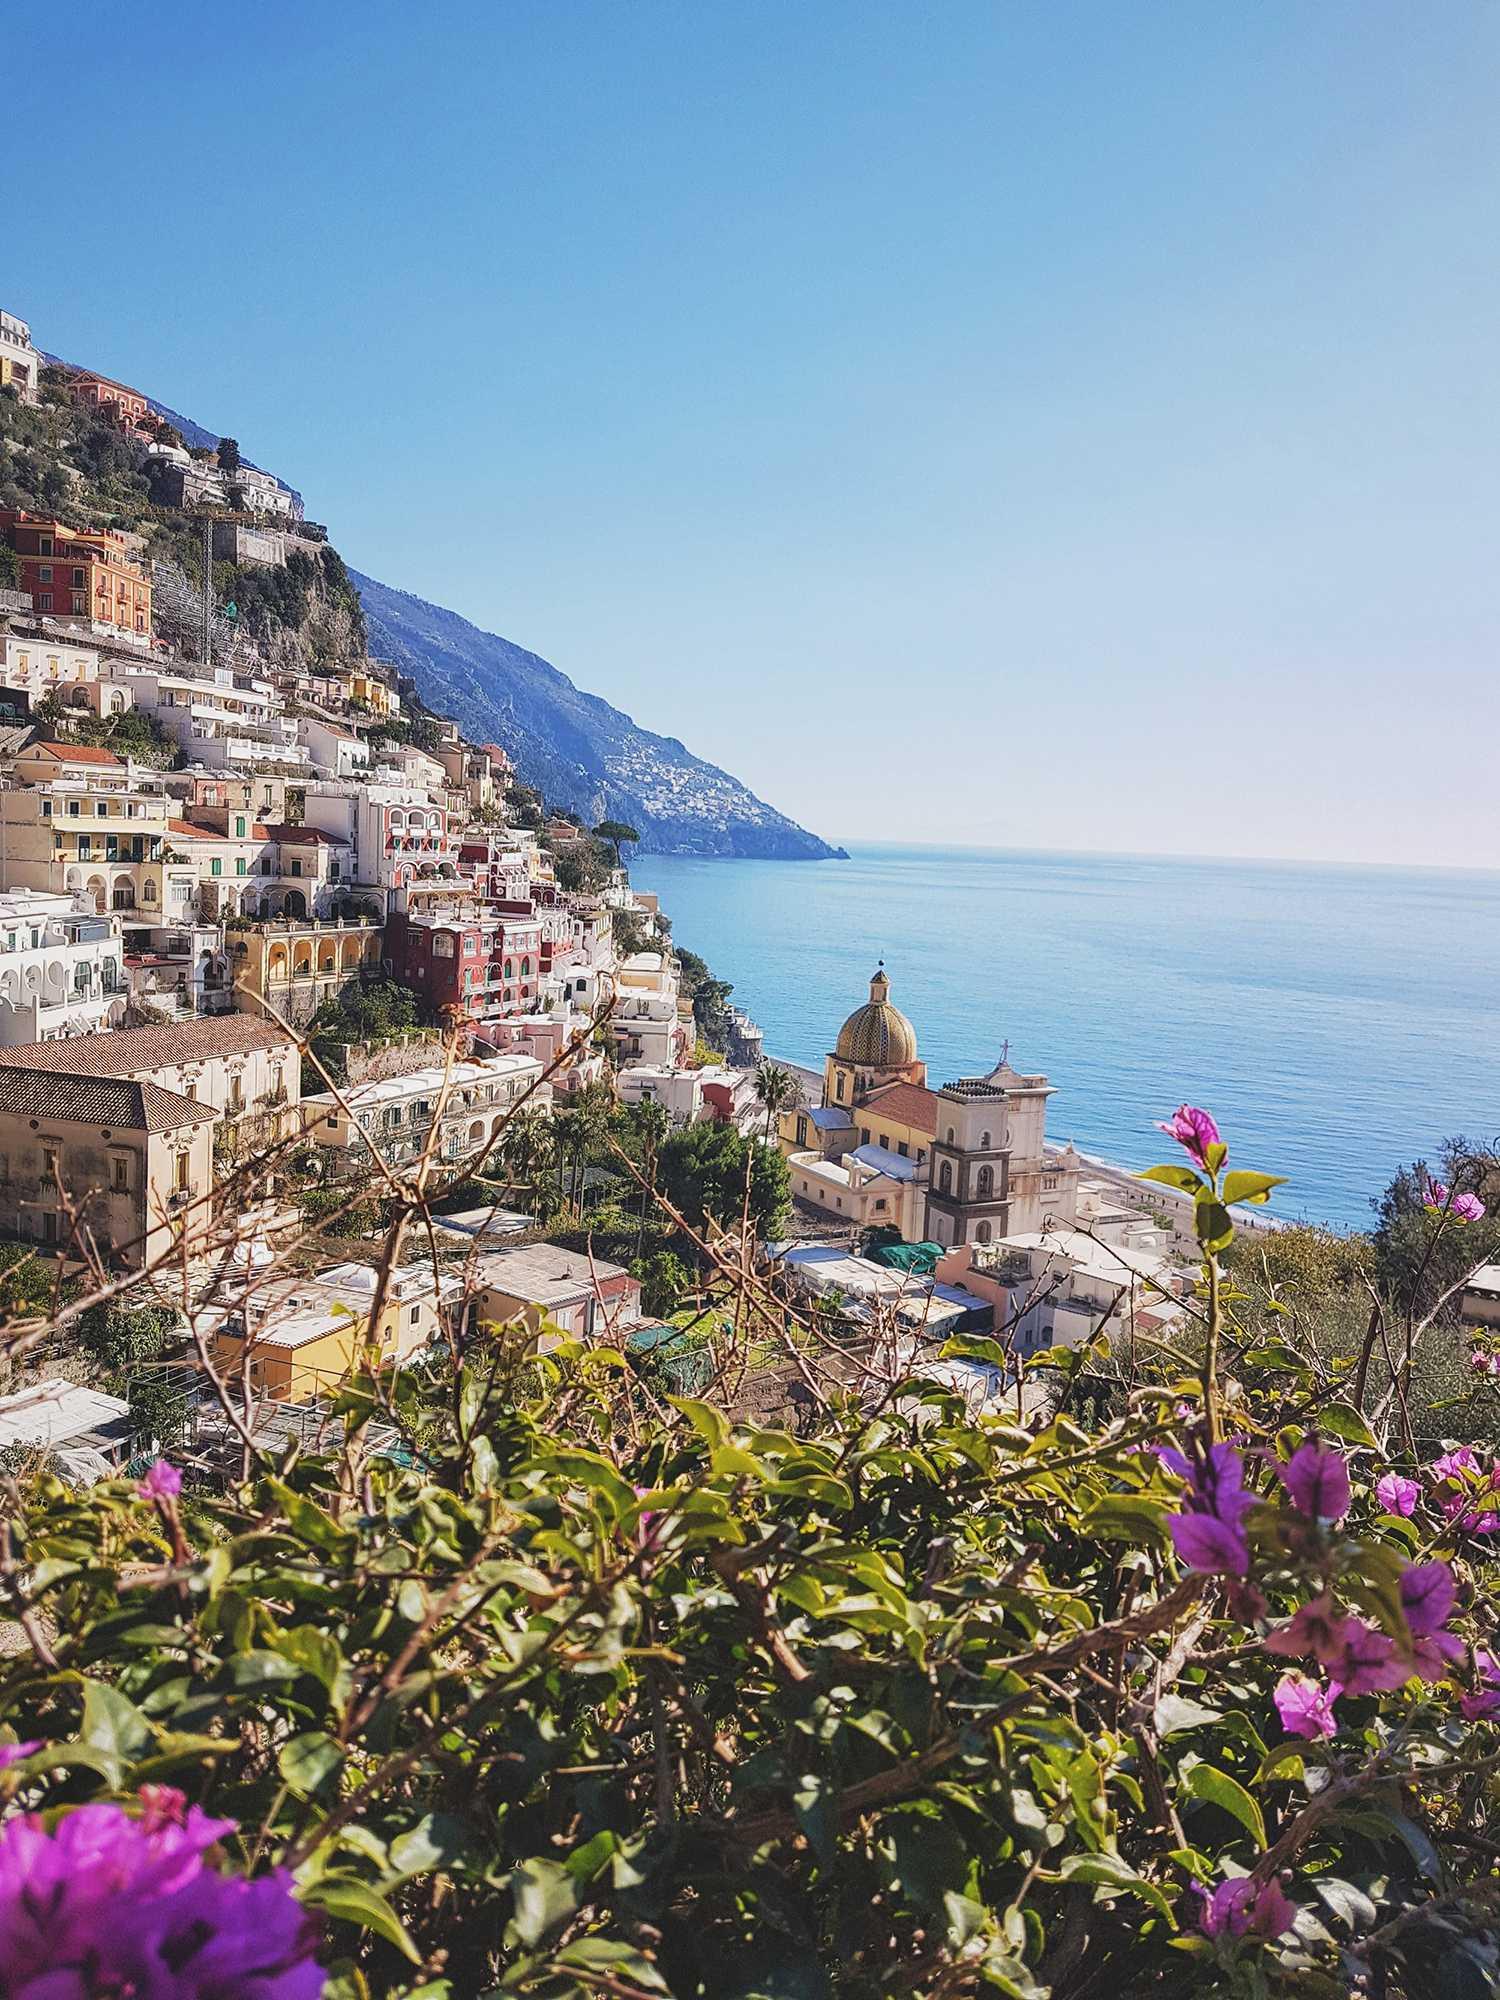 Panorama Aussicht auf Italien mit Blick auf das Meer